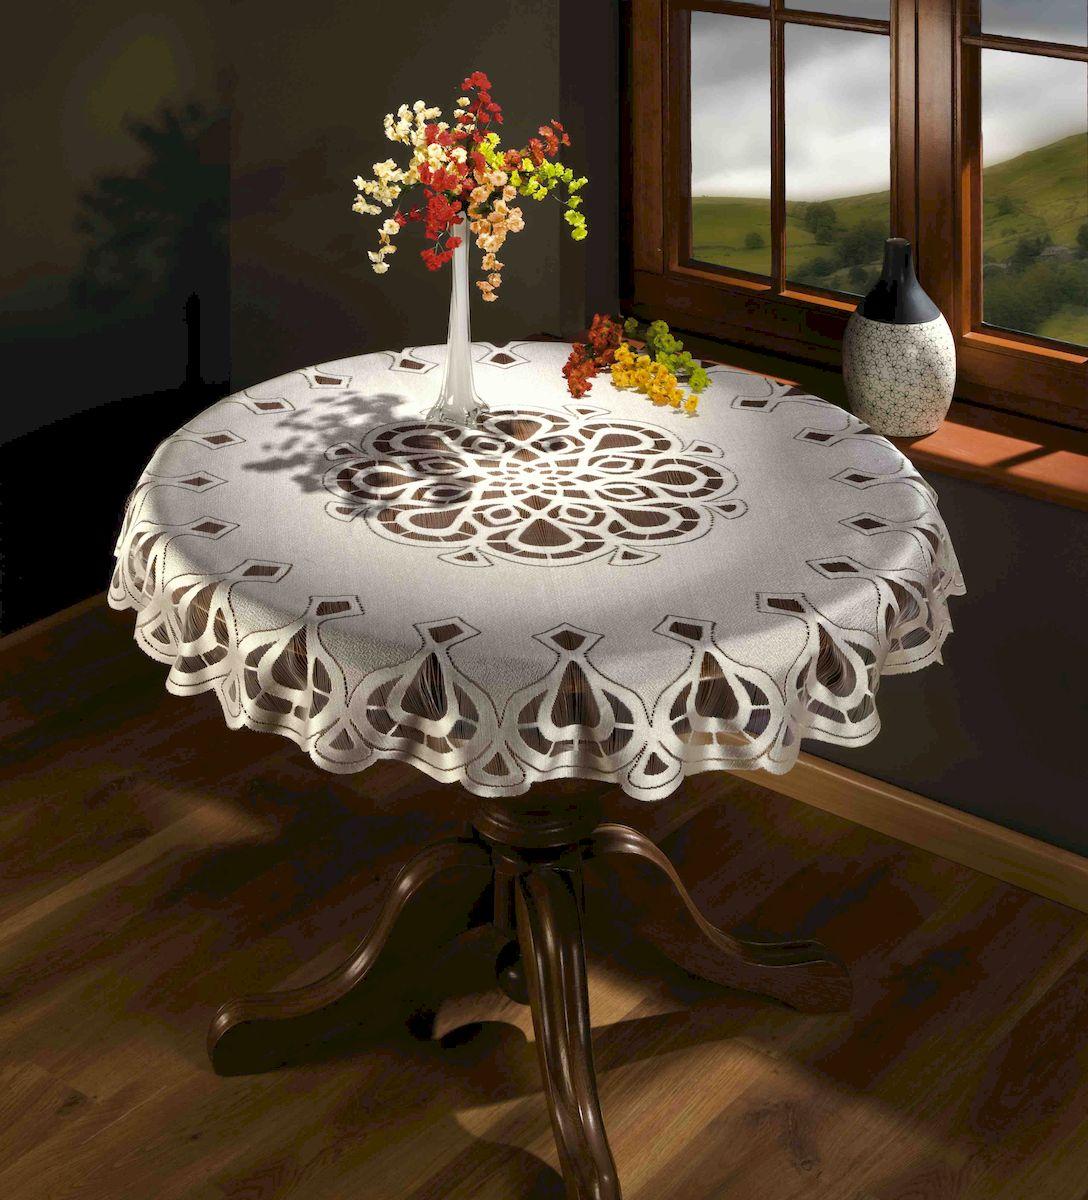 Скатерть Wisan, цвет: белый, 125x125 см. 8967VT-1520(SR)Скатерть жаккардовая, бережная стирка при t не более 40С, деликатный режим.